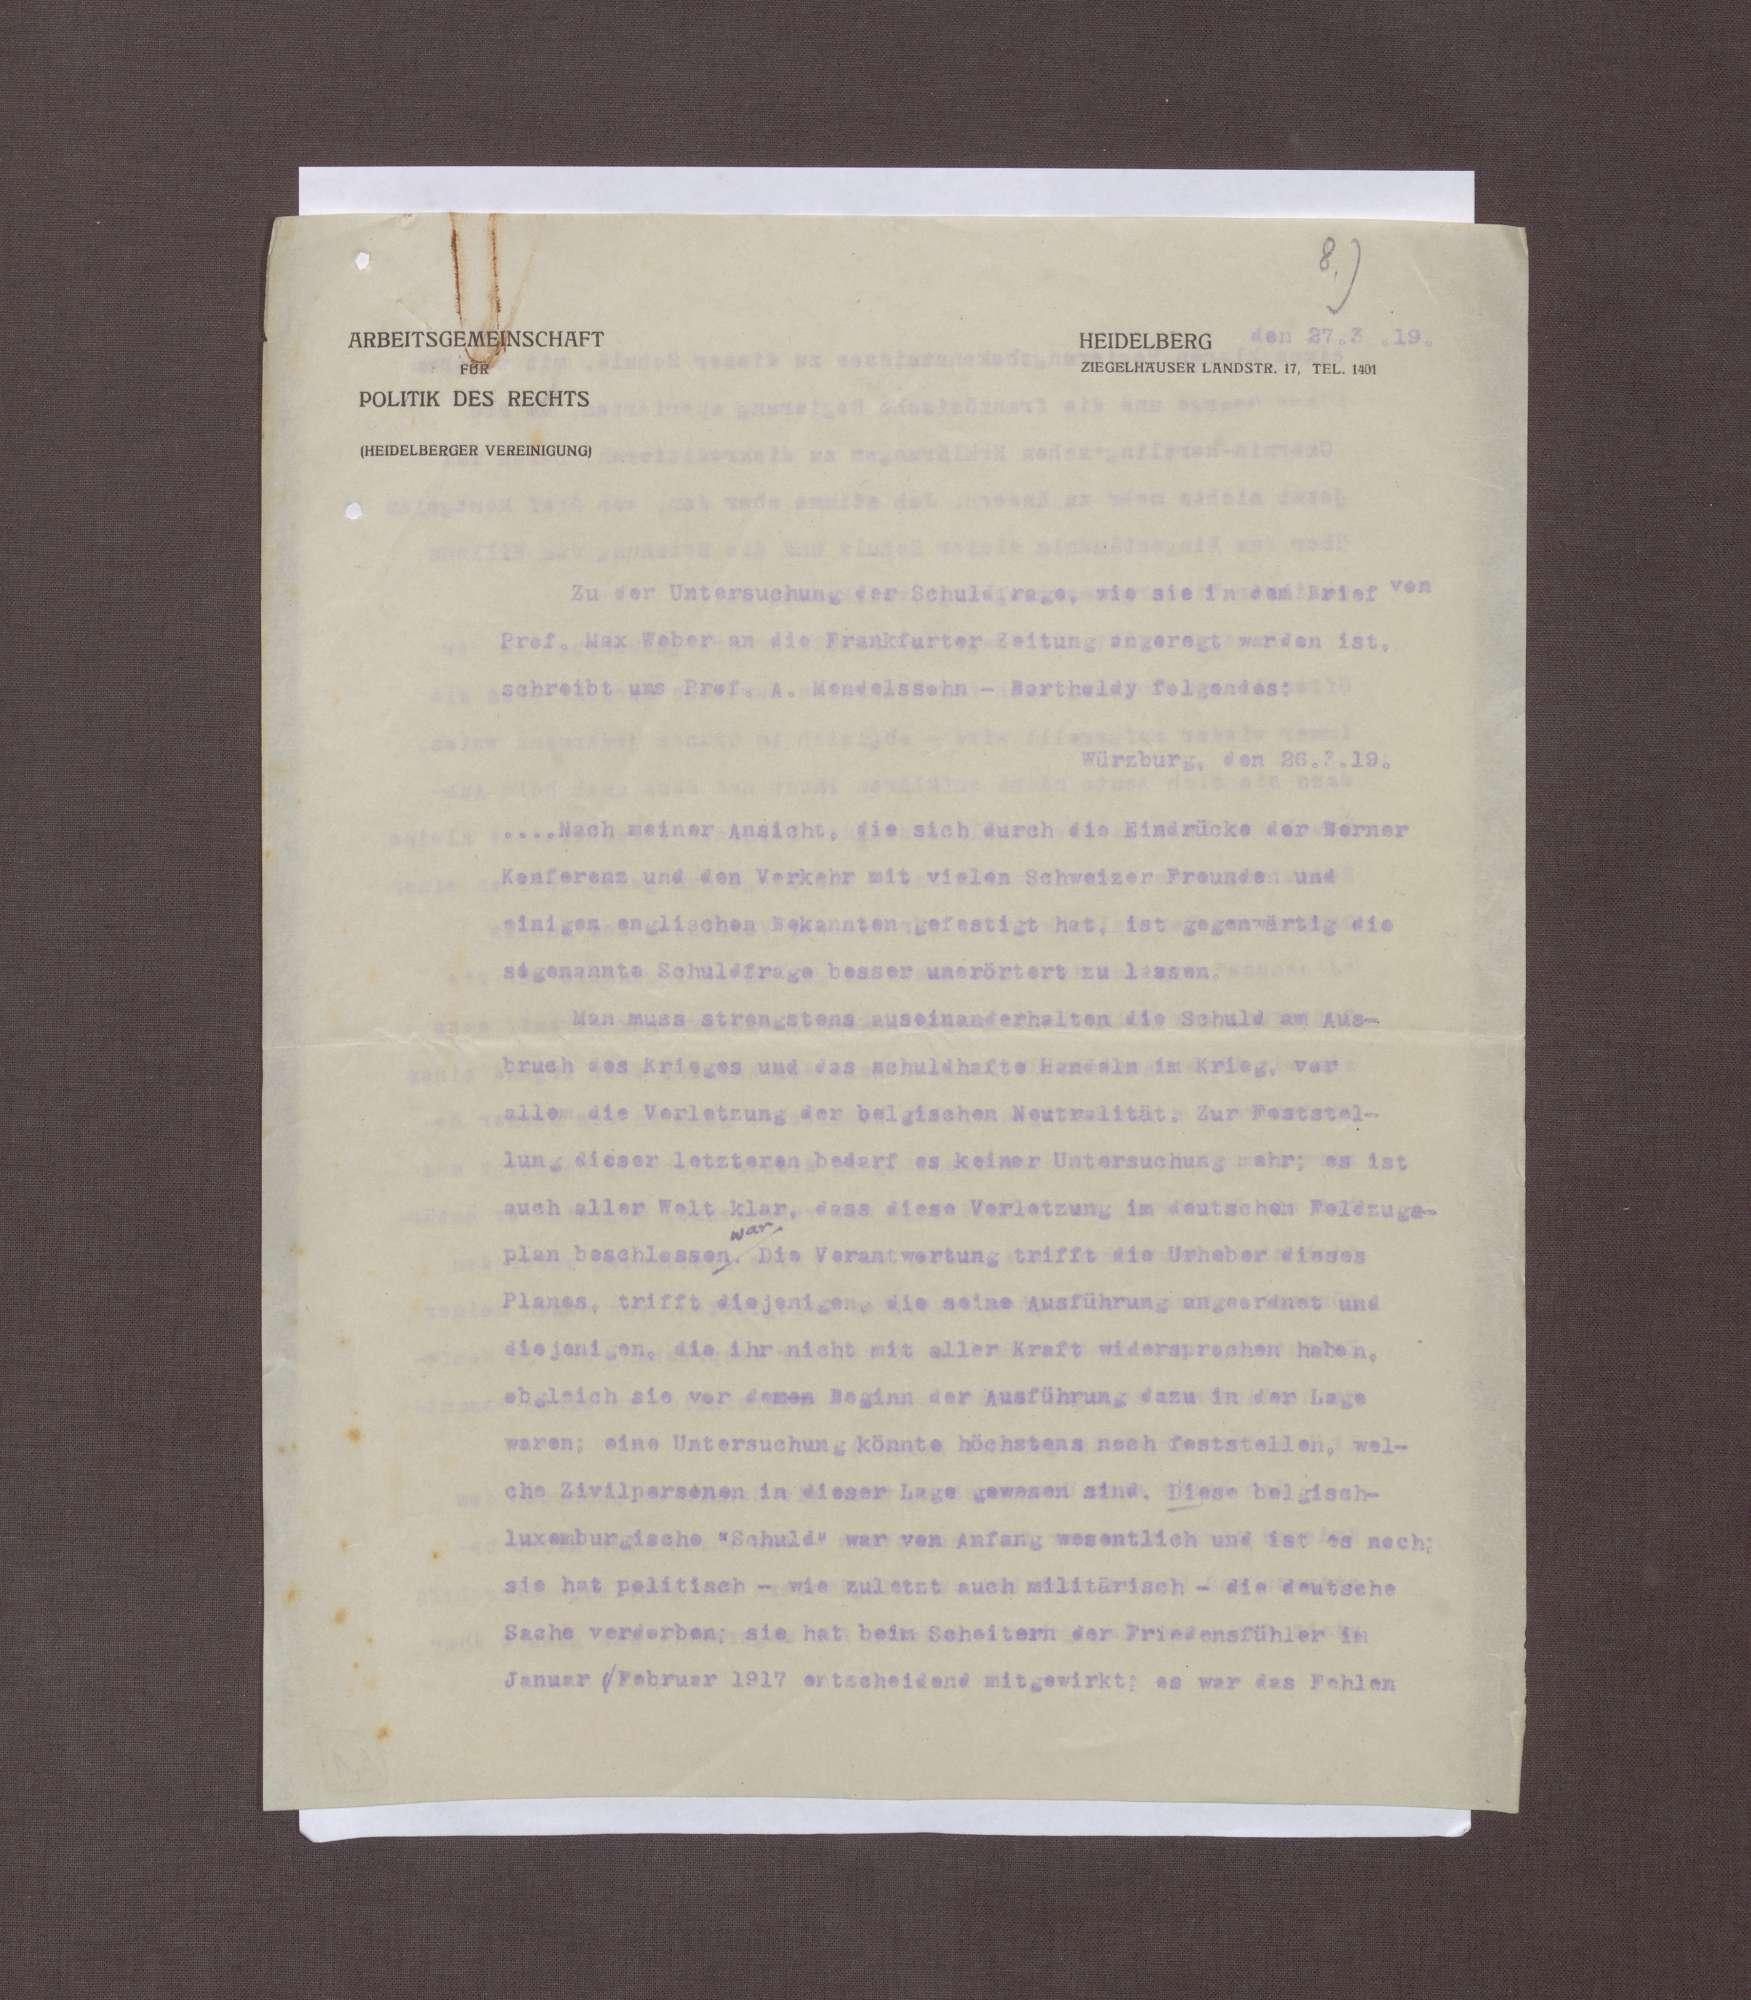 Schreiben von Albrecht Mendelssohn-Bartholdy bzgl. eines Briefs Max Webers an die Redaktion der Frankfurter Zeitung, Bild 1